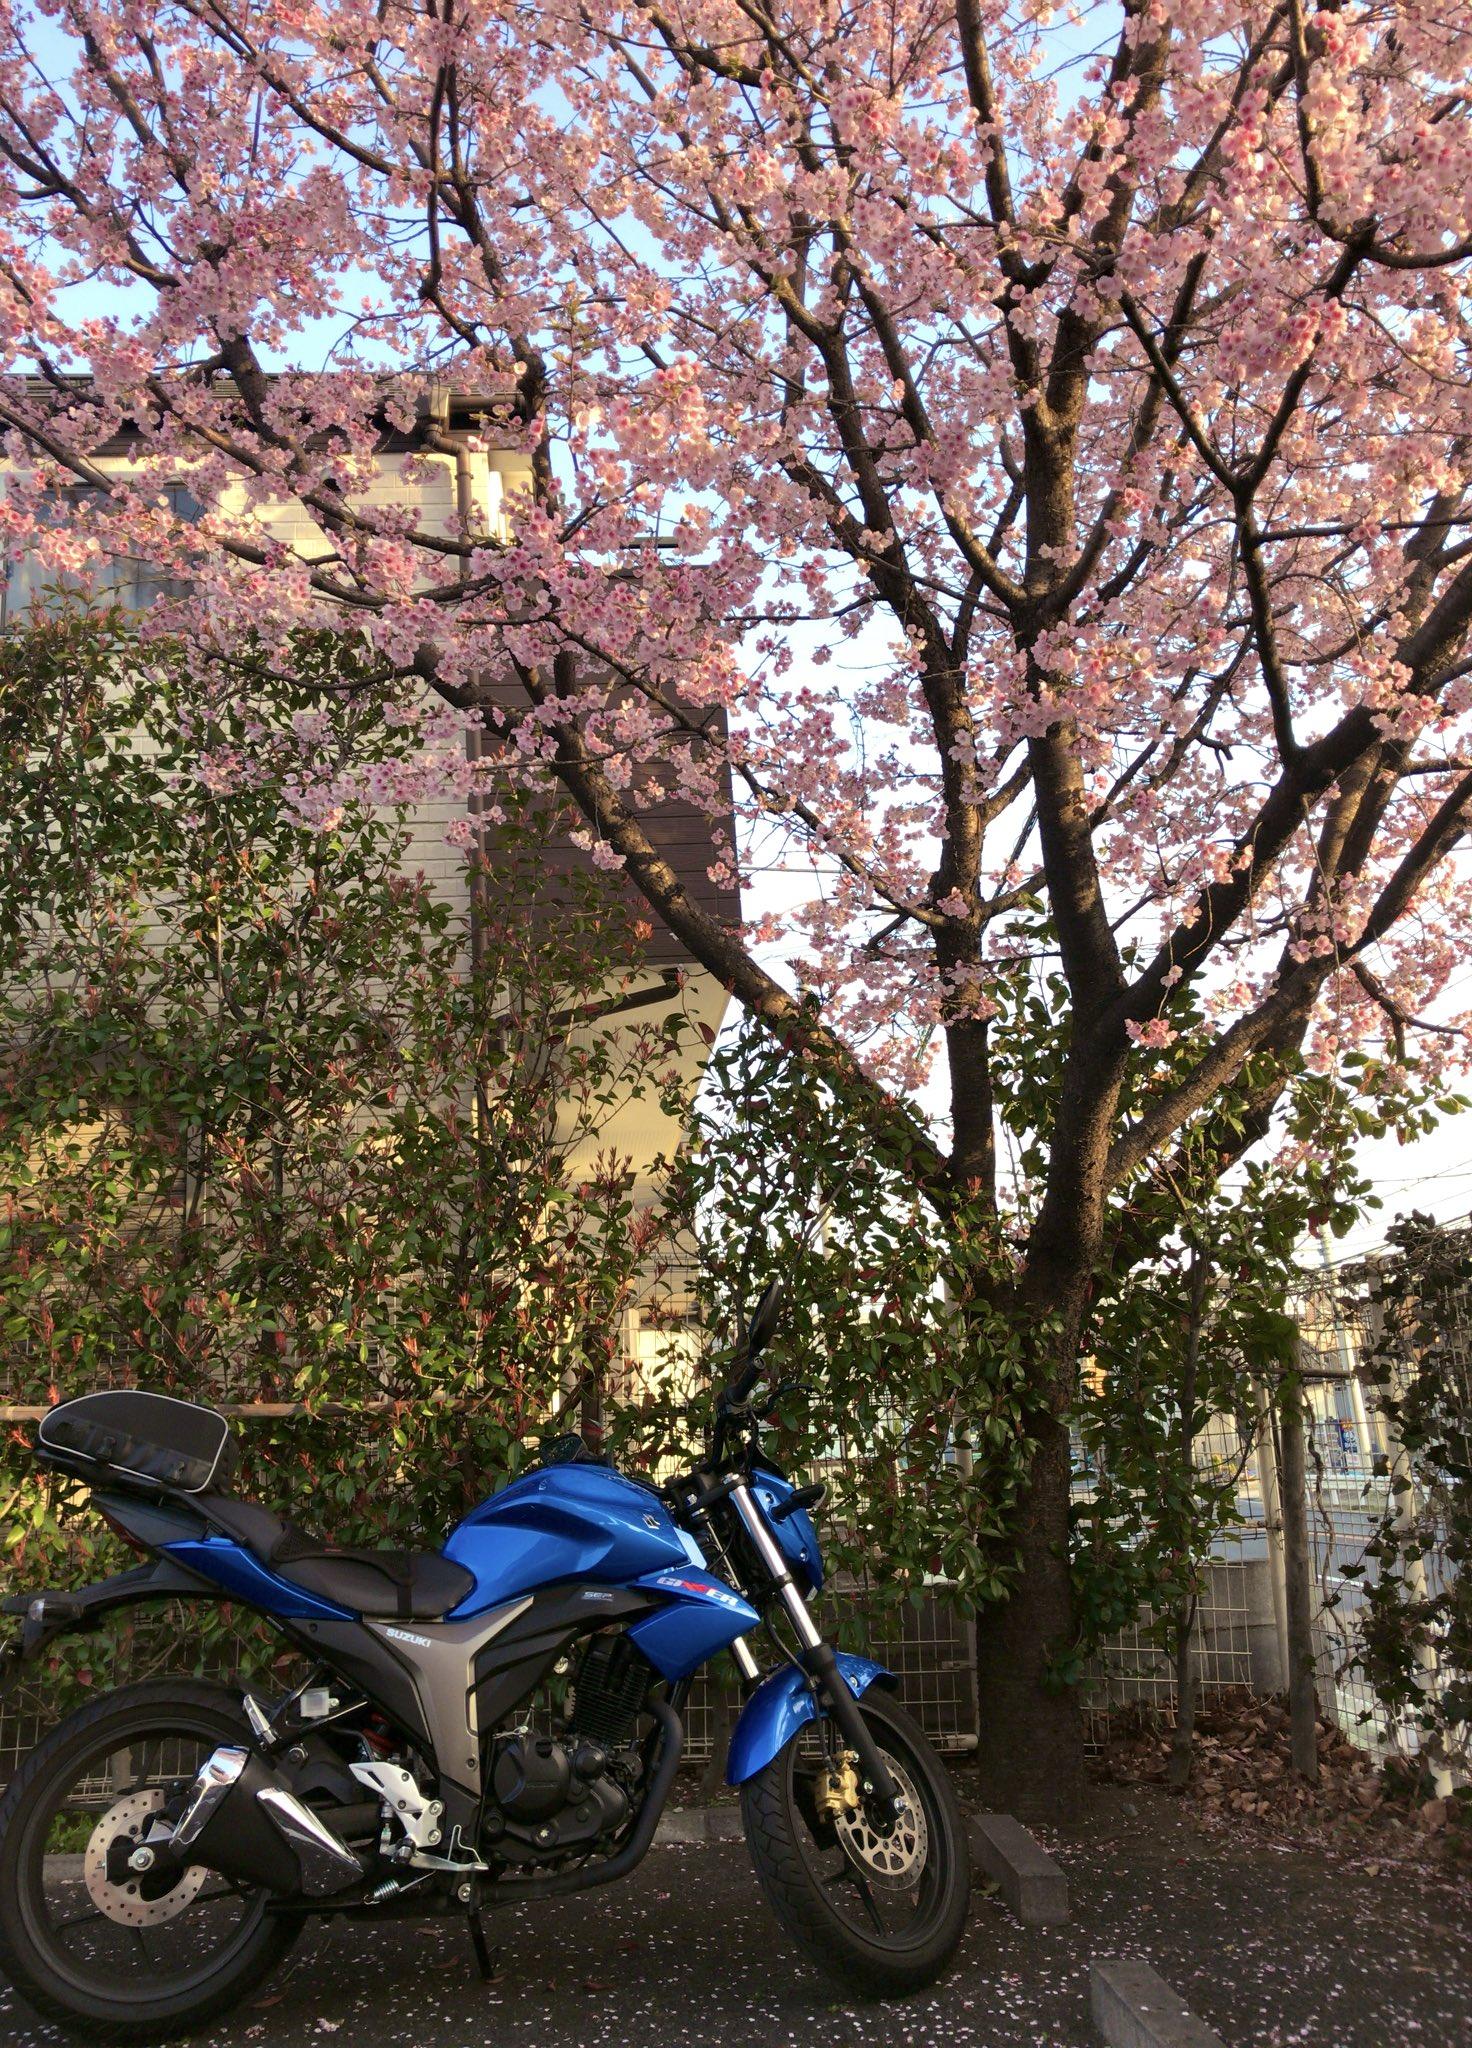 画像,埼玉 川口密蔵院の安行桜を観て来ました。開花宣言ならなかった染井吉野と違い、寒桜なので今が見頃です。ウチのジクサーは桜のシーズン後に納車されたので初ツーショット…